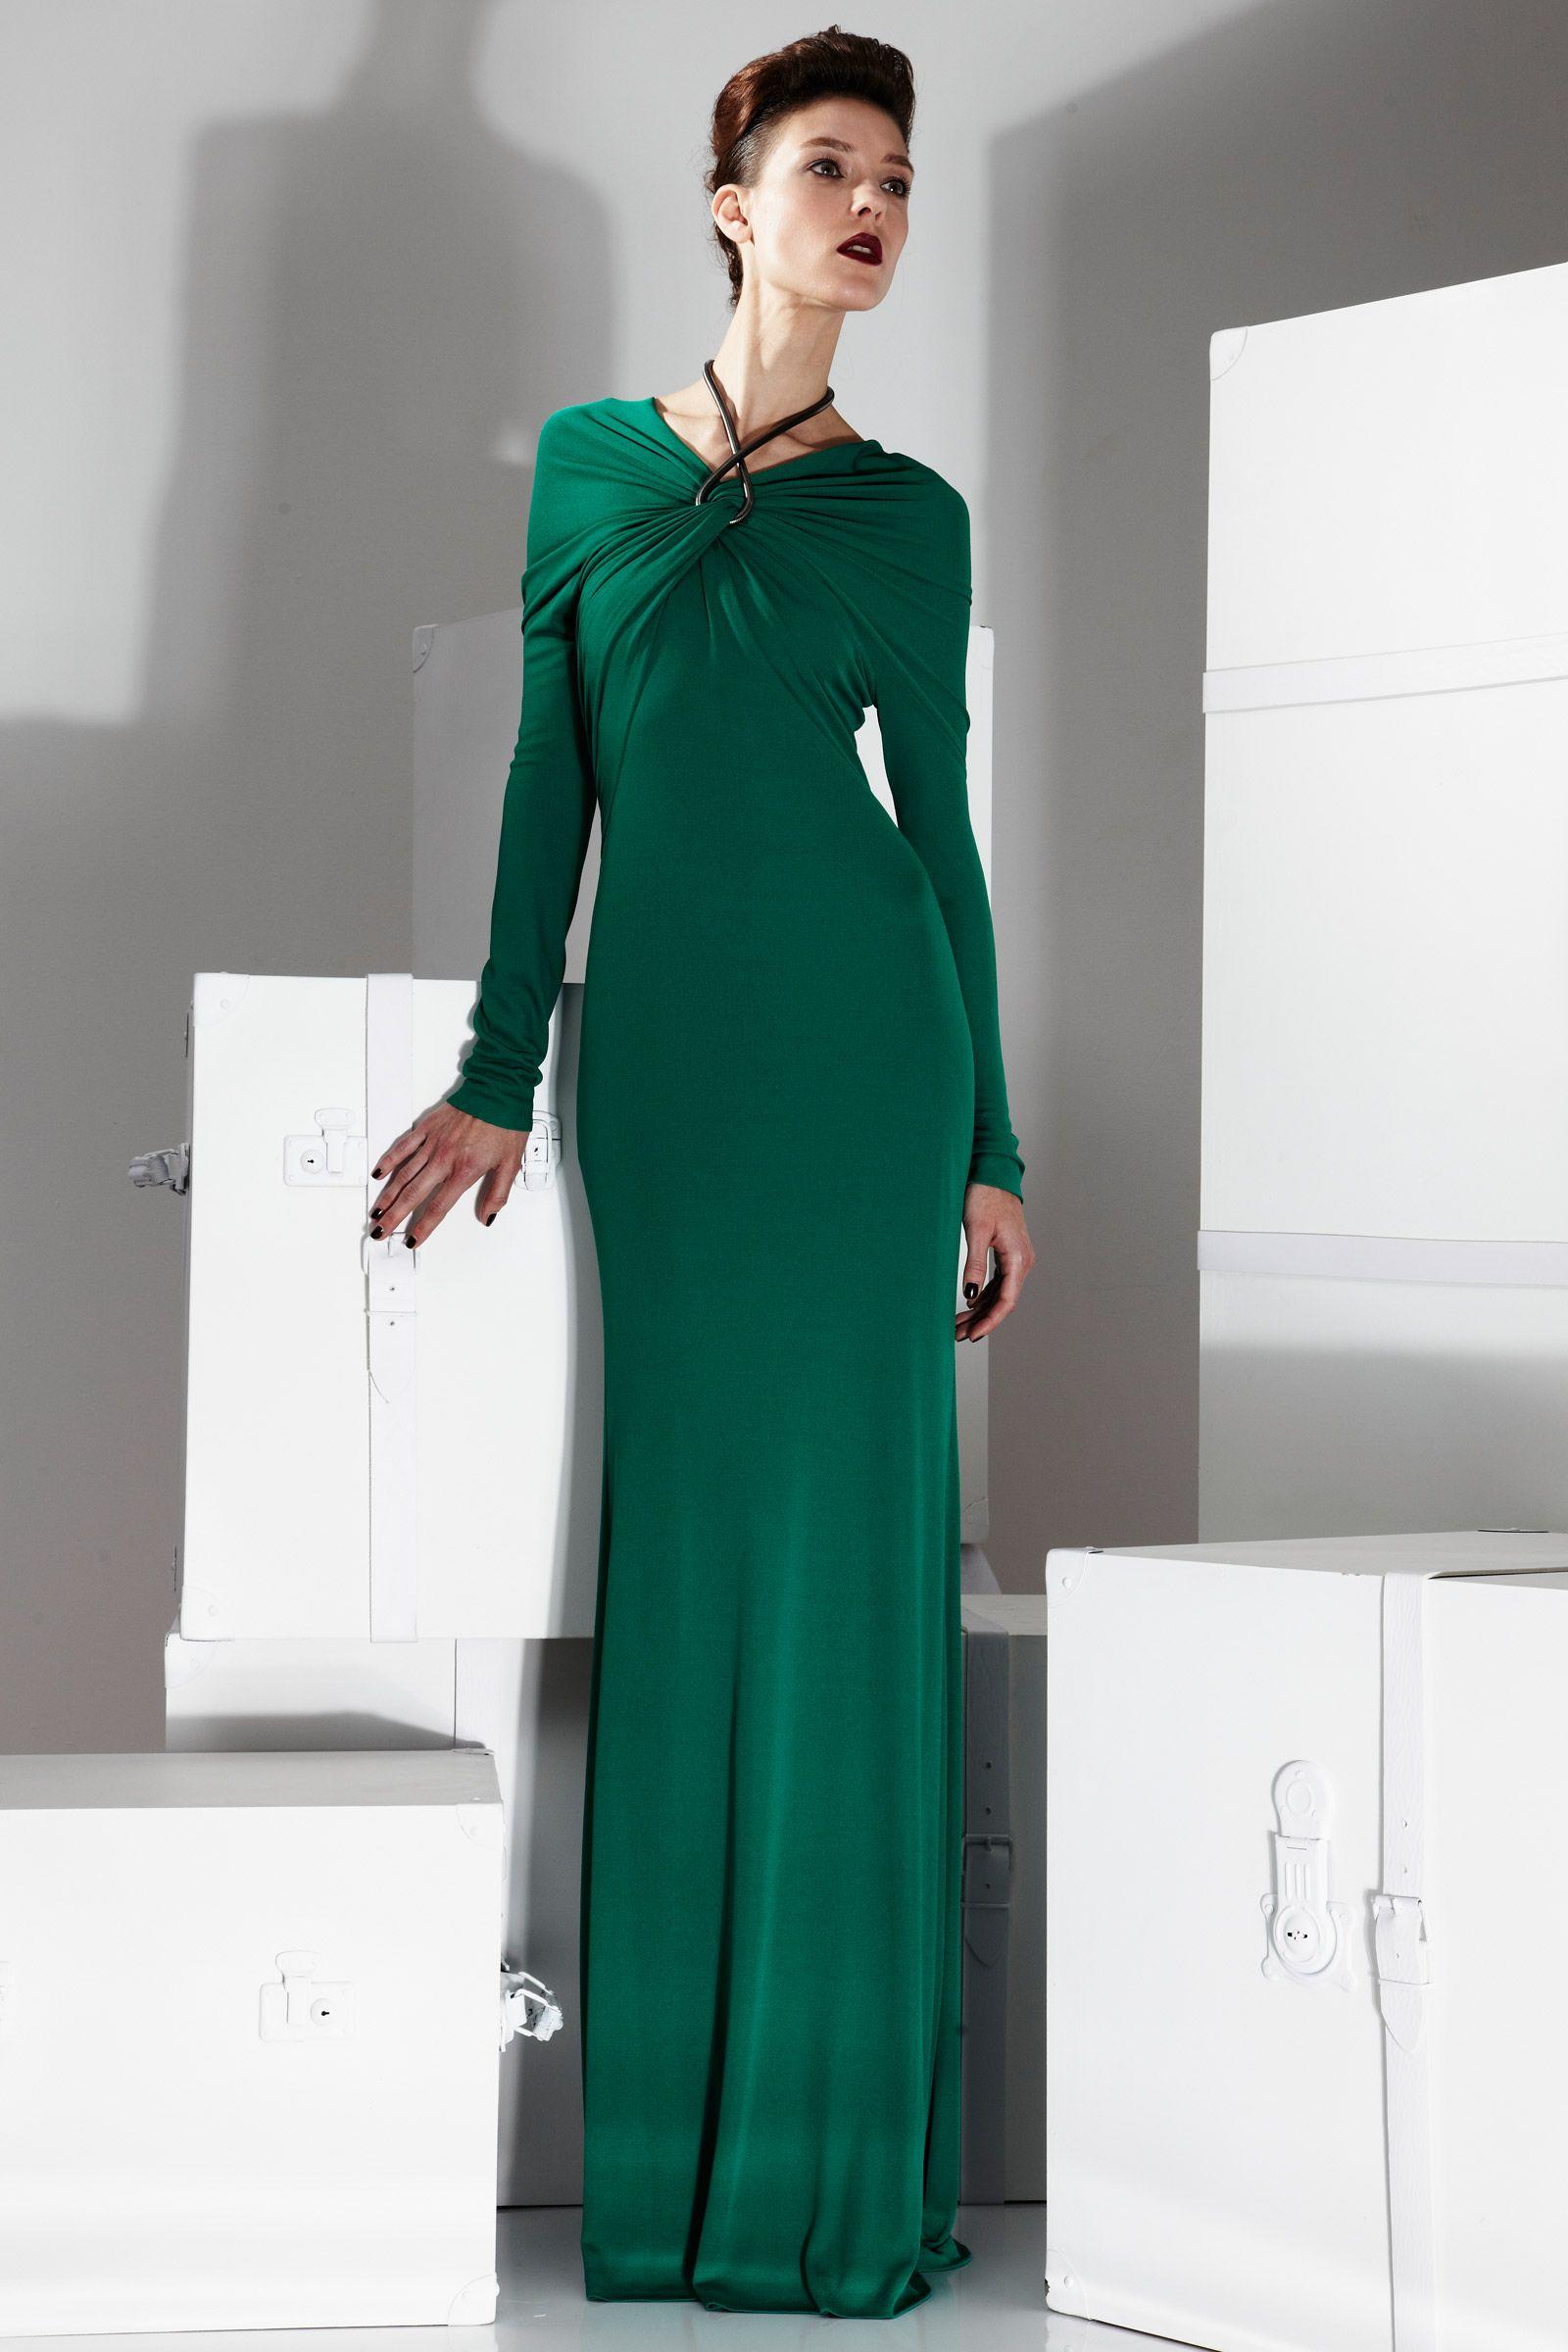 Niedlich Flippige Abendkleider Zeitgenössisch - Hochzeit Kleid Stile ...